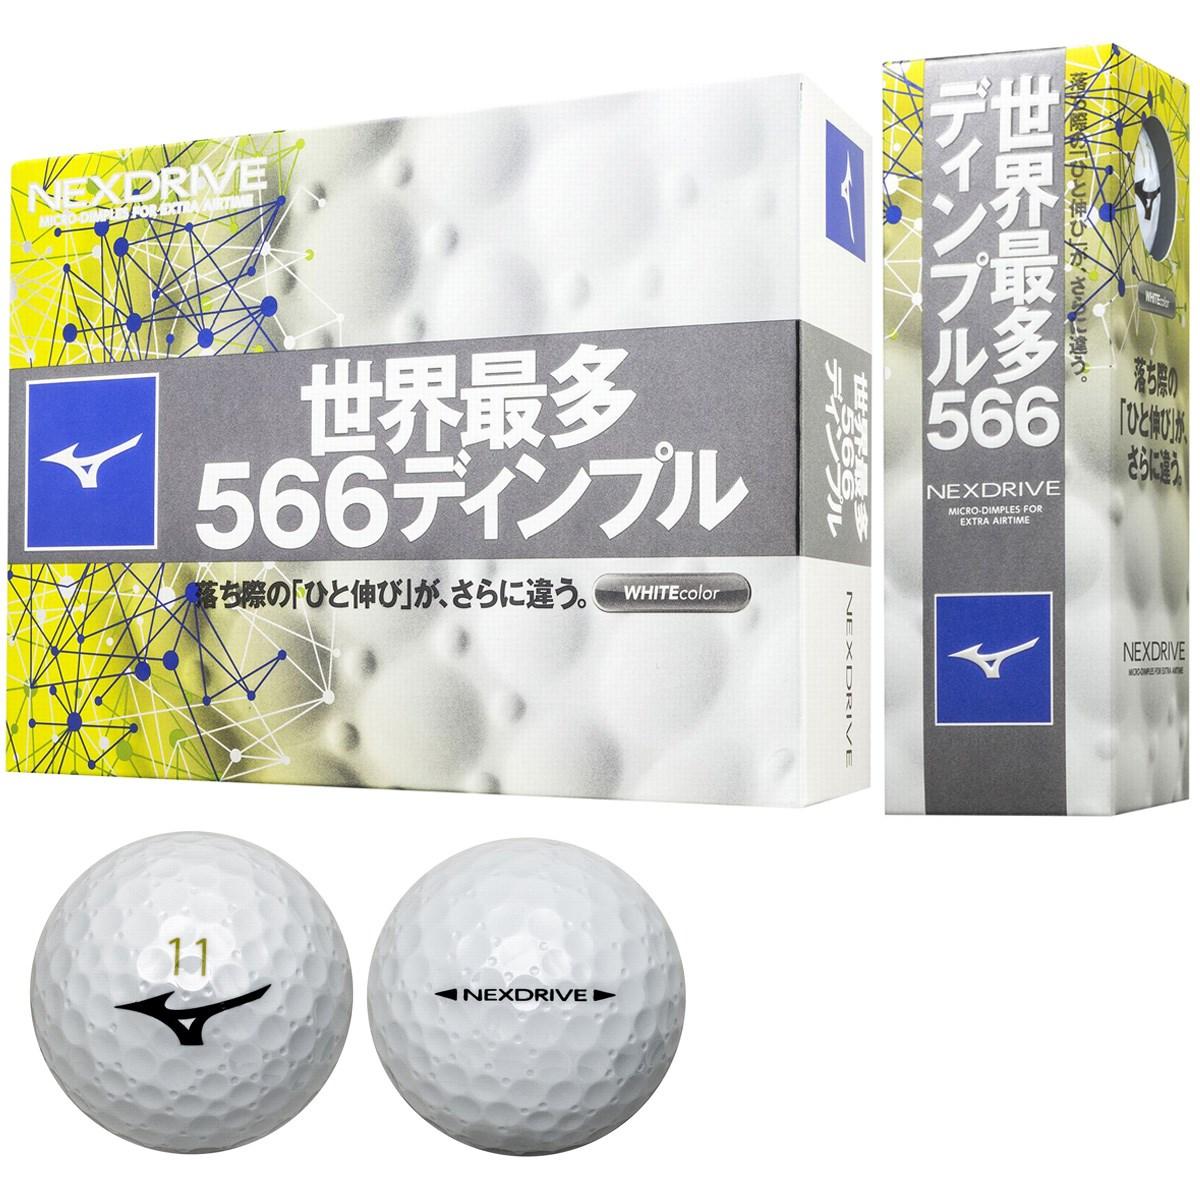 ミズノ(MIZUNO) ネクスドライブ ボール